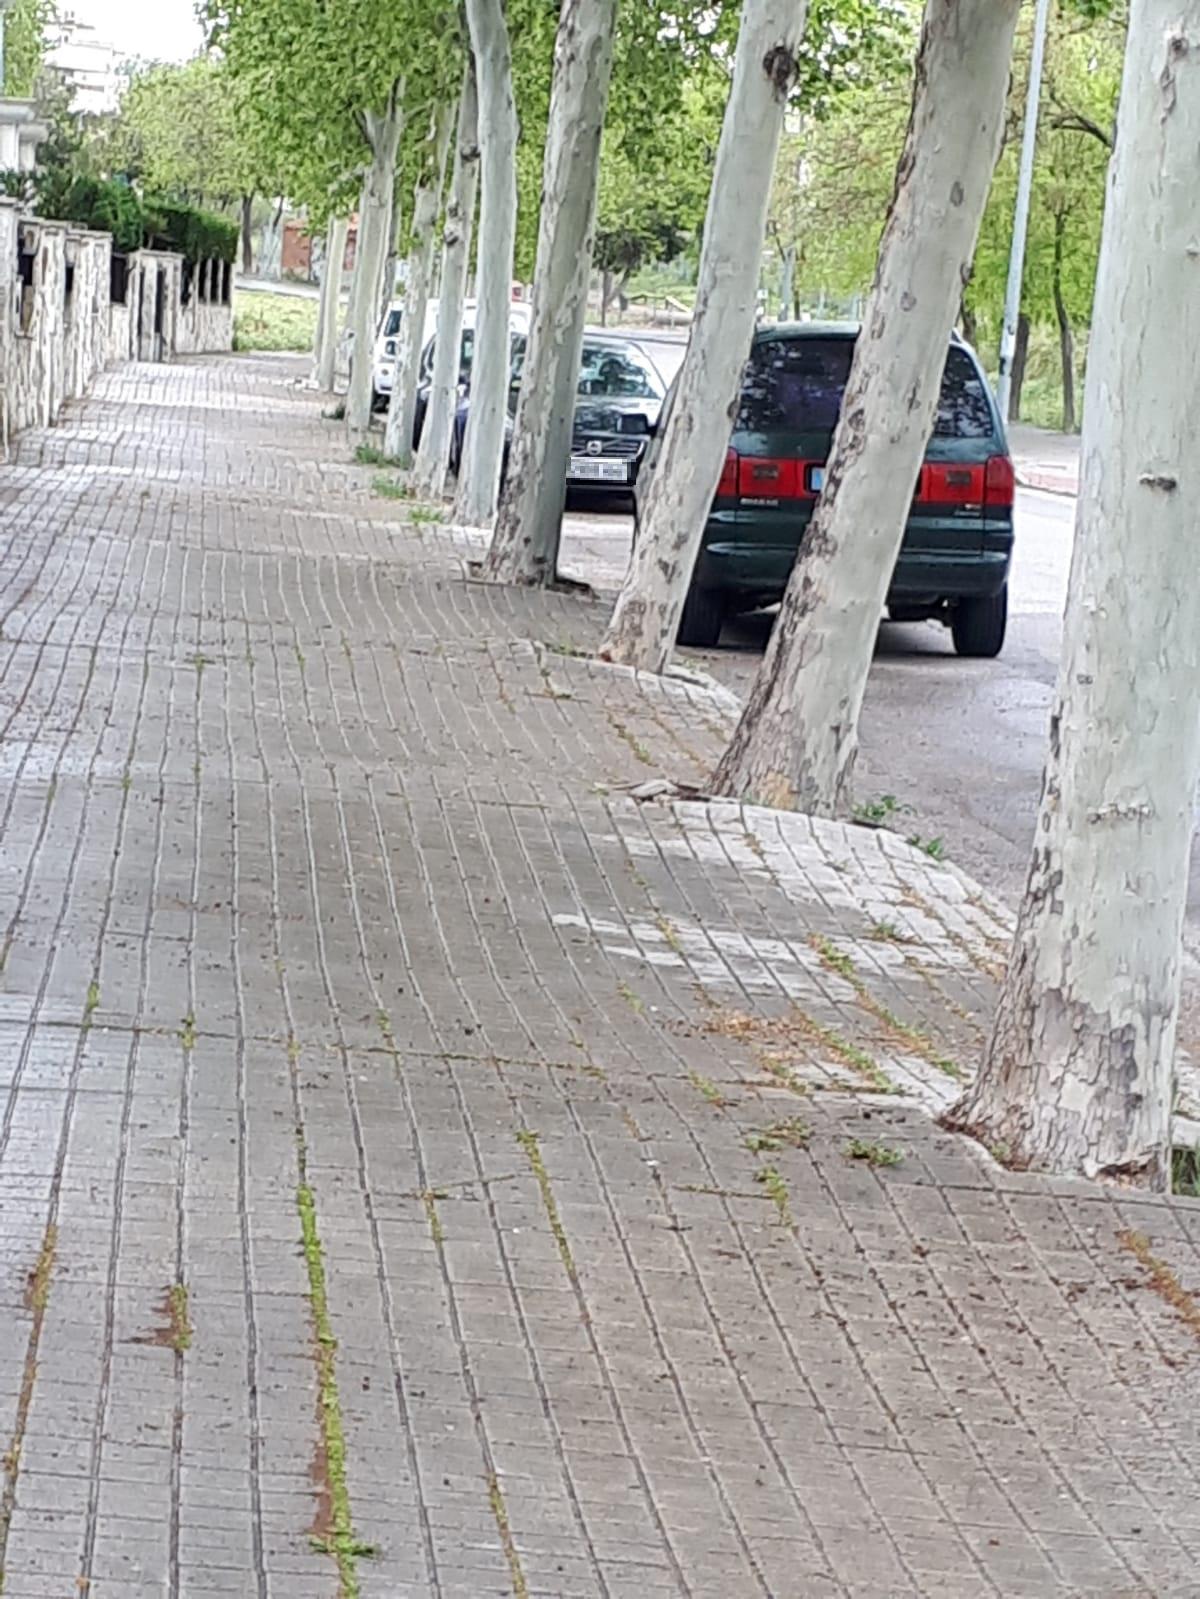 Mañana comenzarán los trabajos de remodelación de aproximadamente 2.000 metros cuadrados de aceras en Velilla